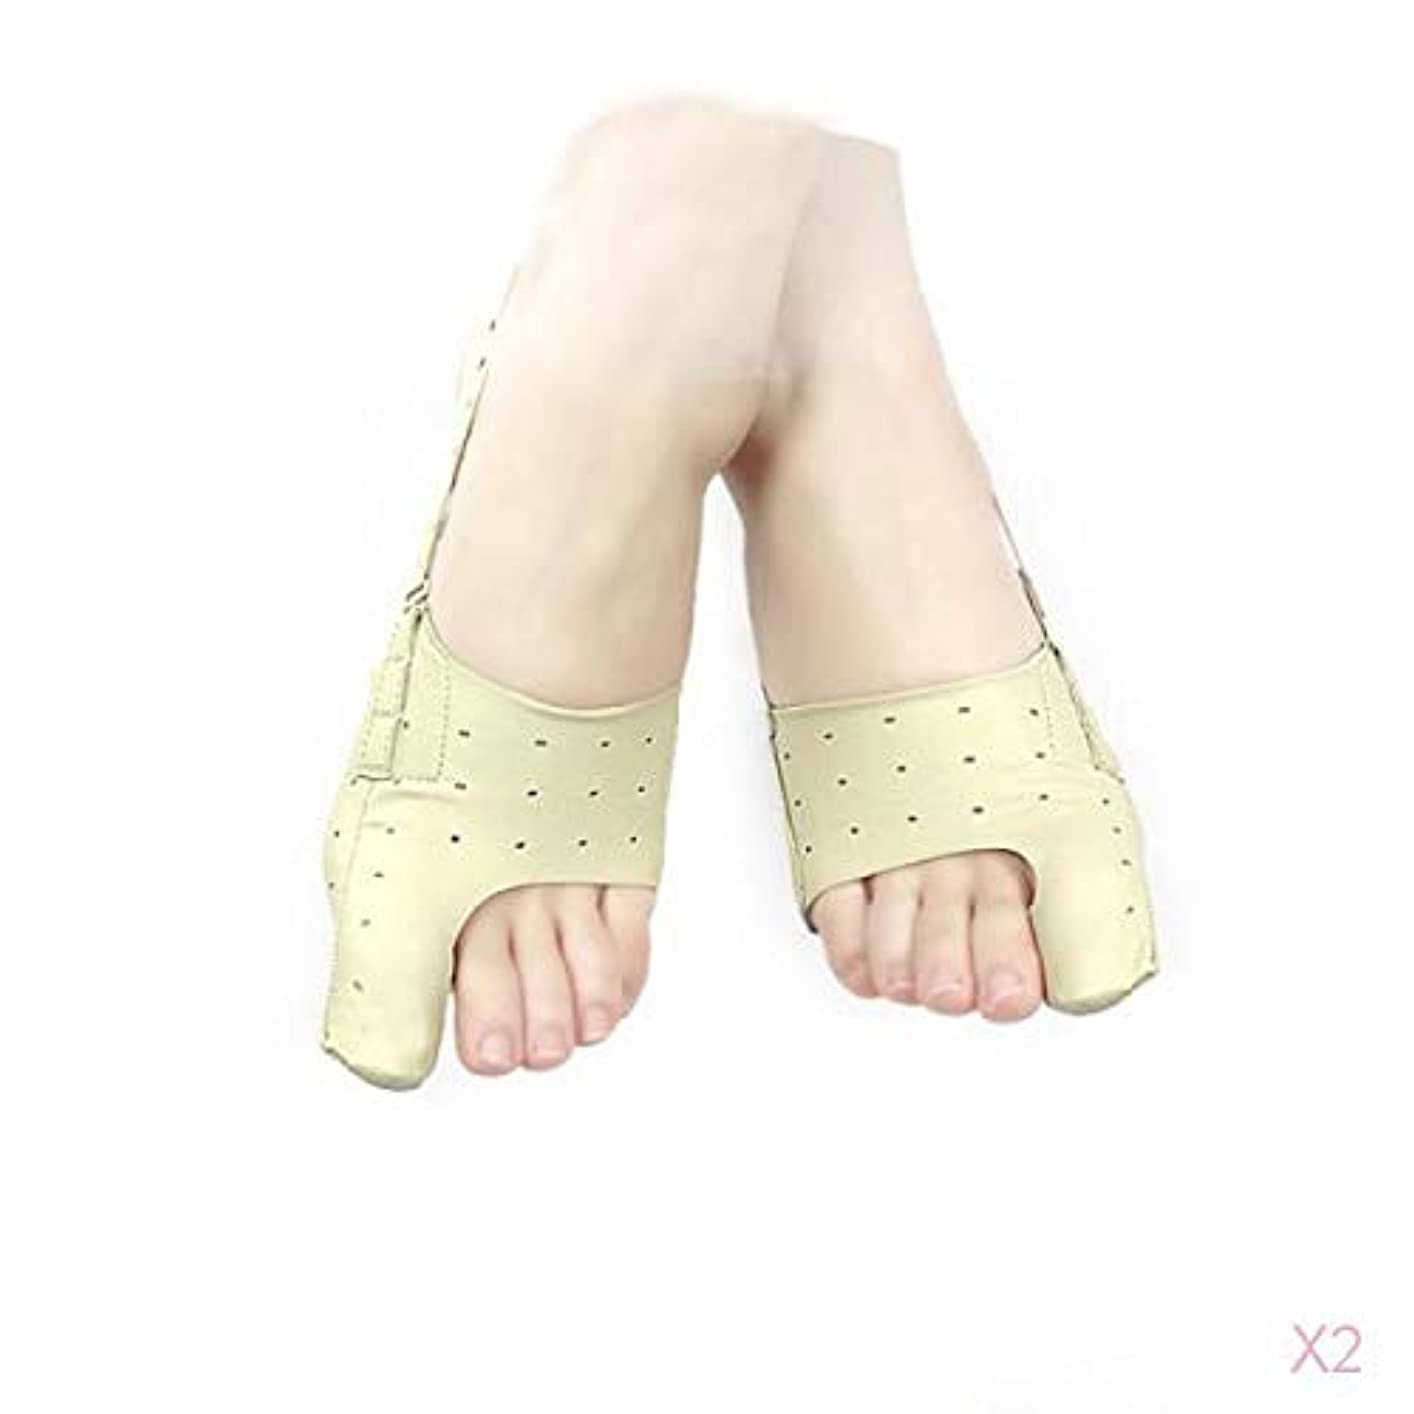 引き出す有効素人Hellery 親指サポーター バニオン スプリント 外反母趾矯正 超薄型 デイ&ナイト L 痛みを軽減 2個入